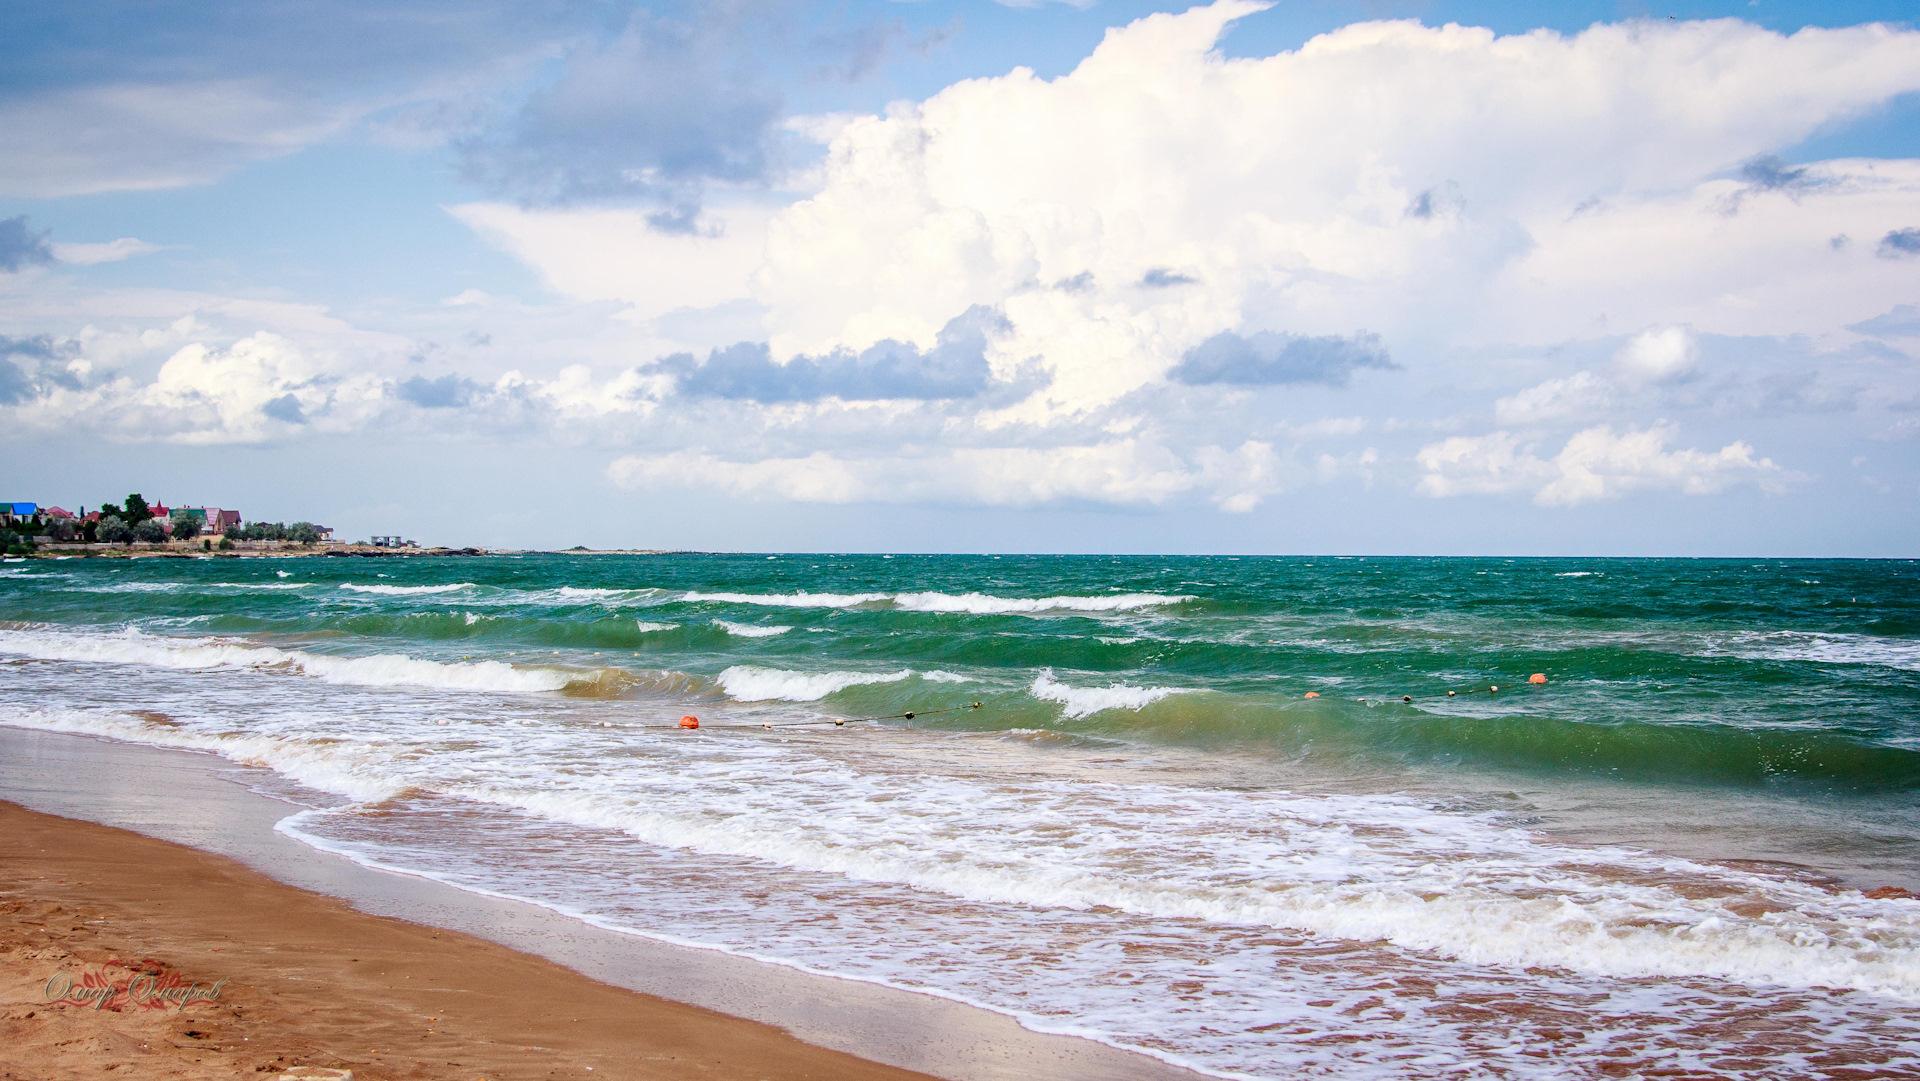 кремневые картинки каспийского моря в дербенте прямо